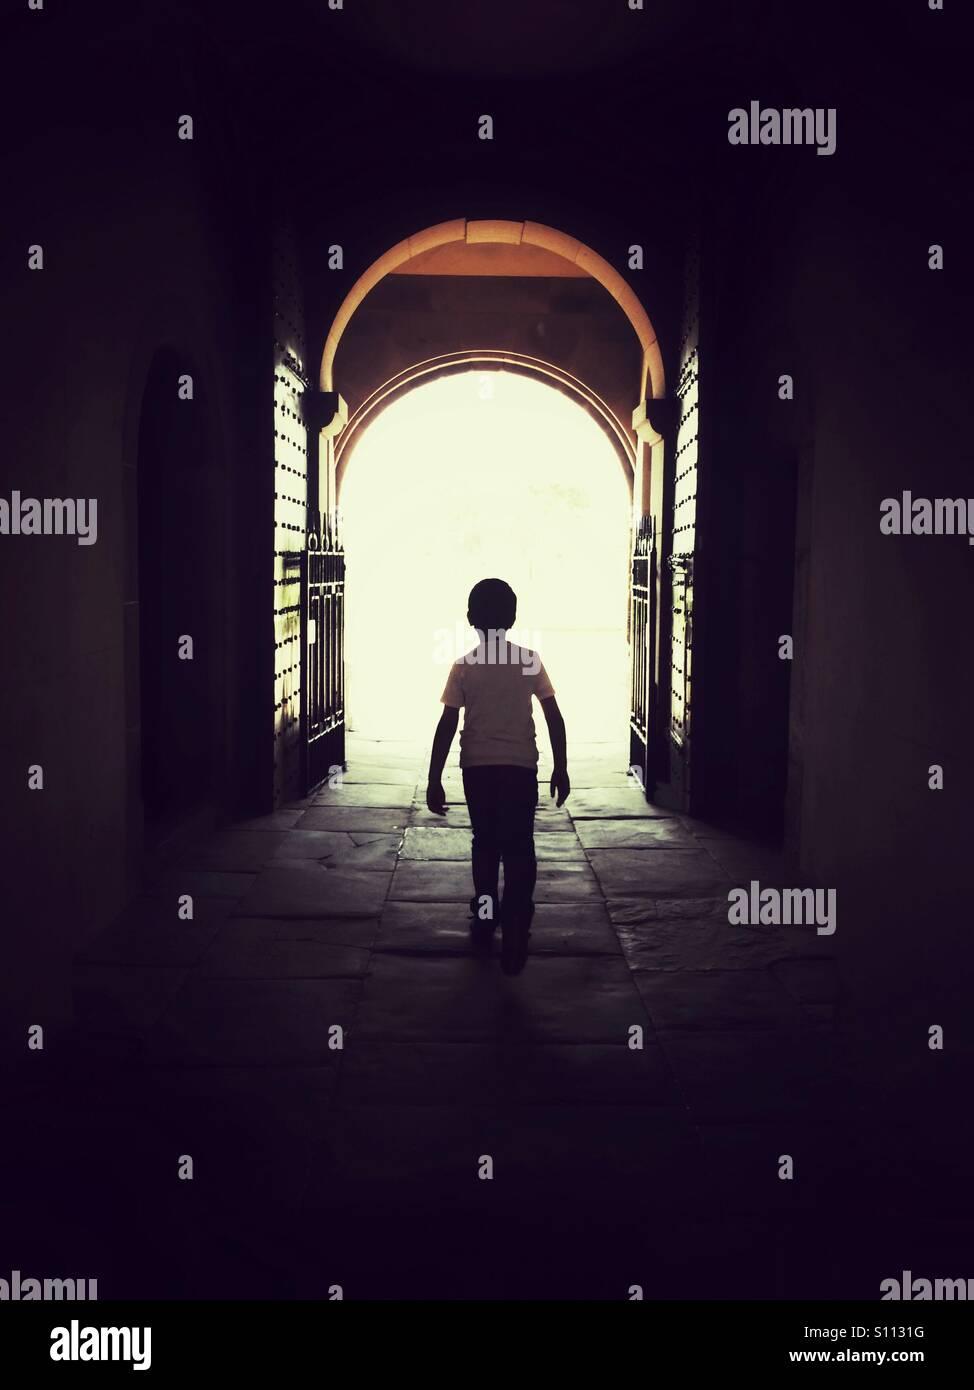 Muchacho caminando hacia la puerta abierta Imagen De Stock